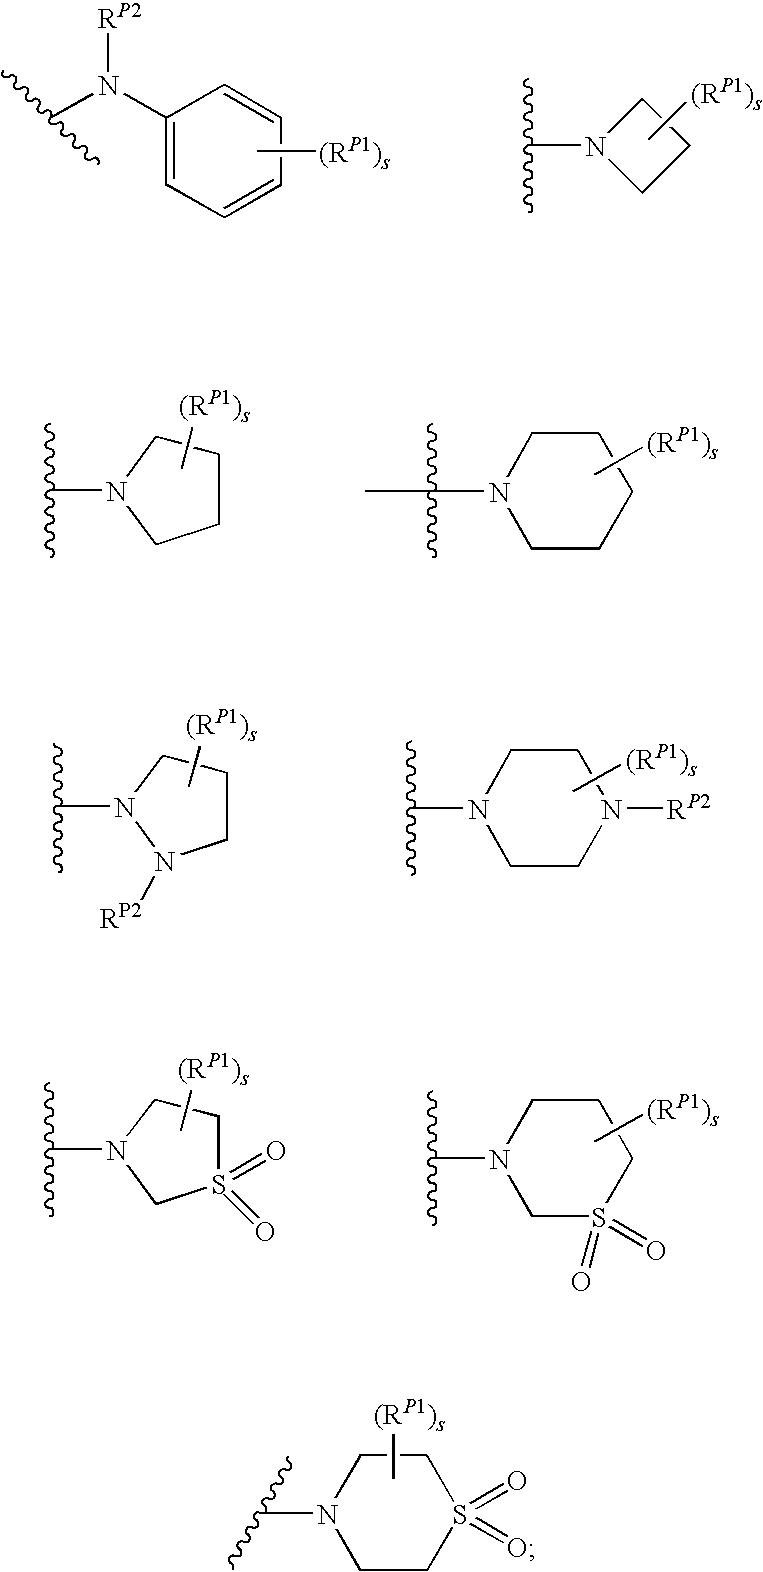 Figure US07790743-20100907-C00249